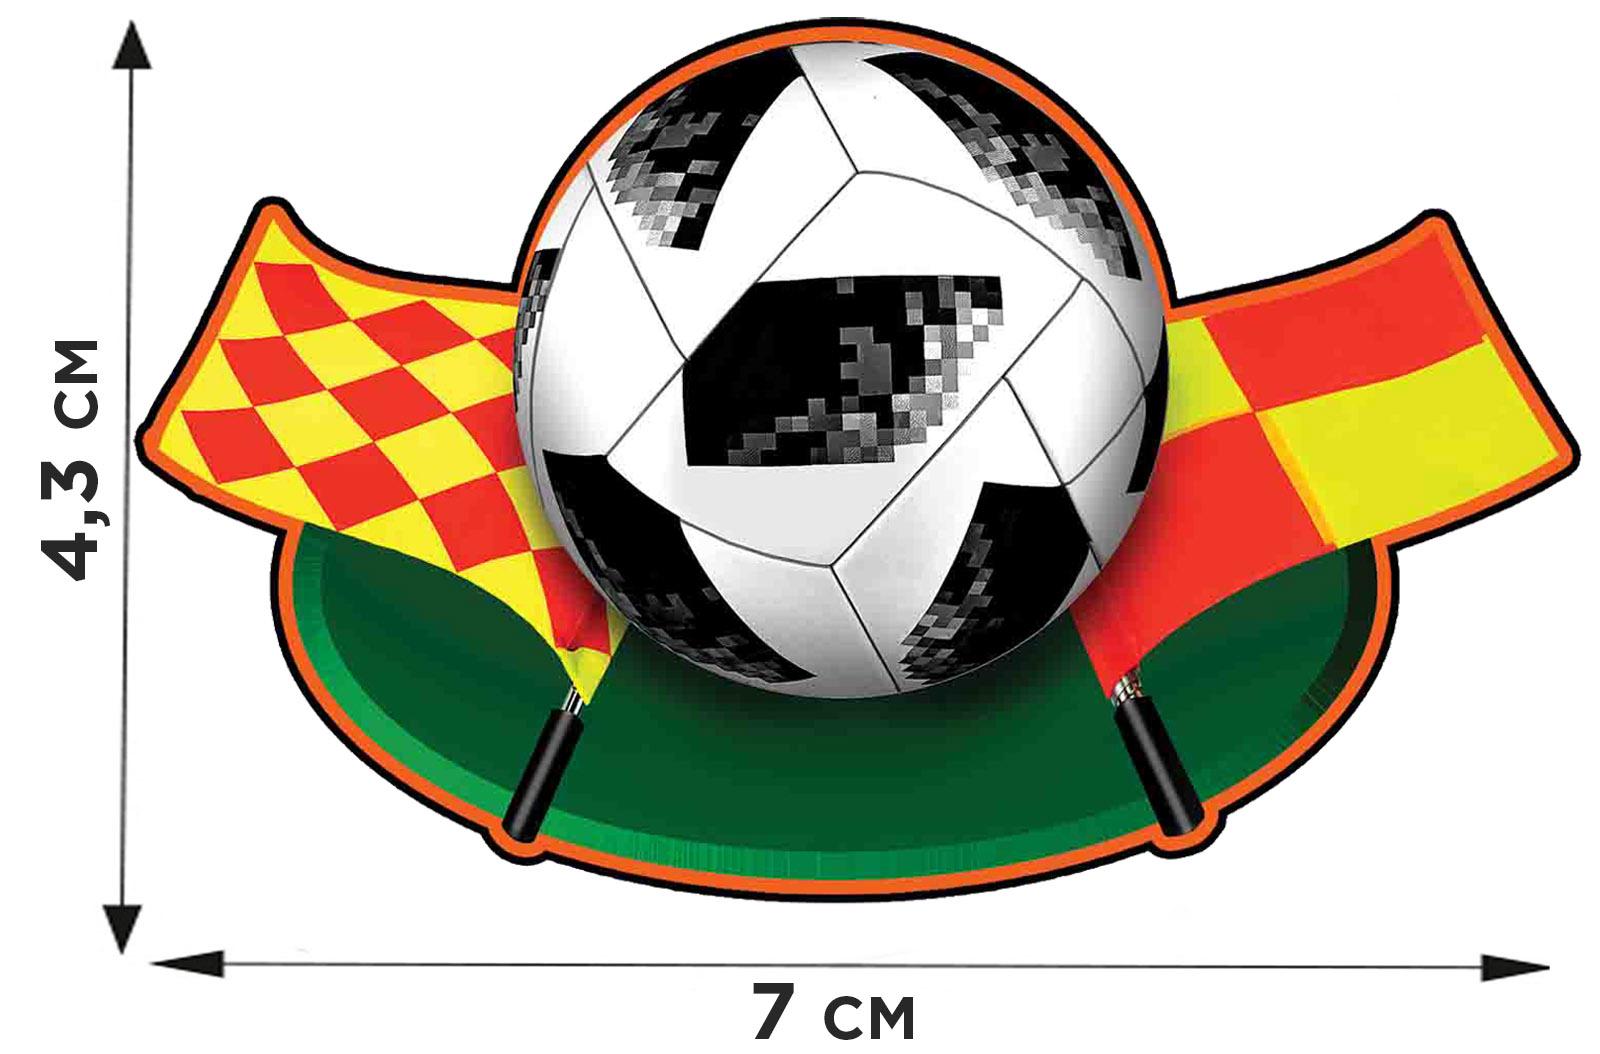 Заказать термоаппликацию официального мяча по привлекательной цене